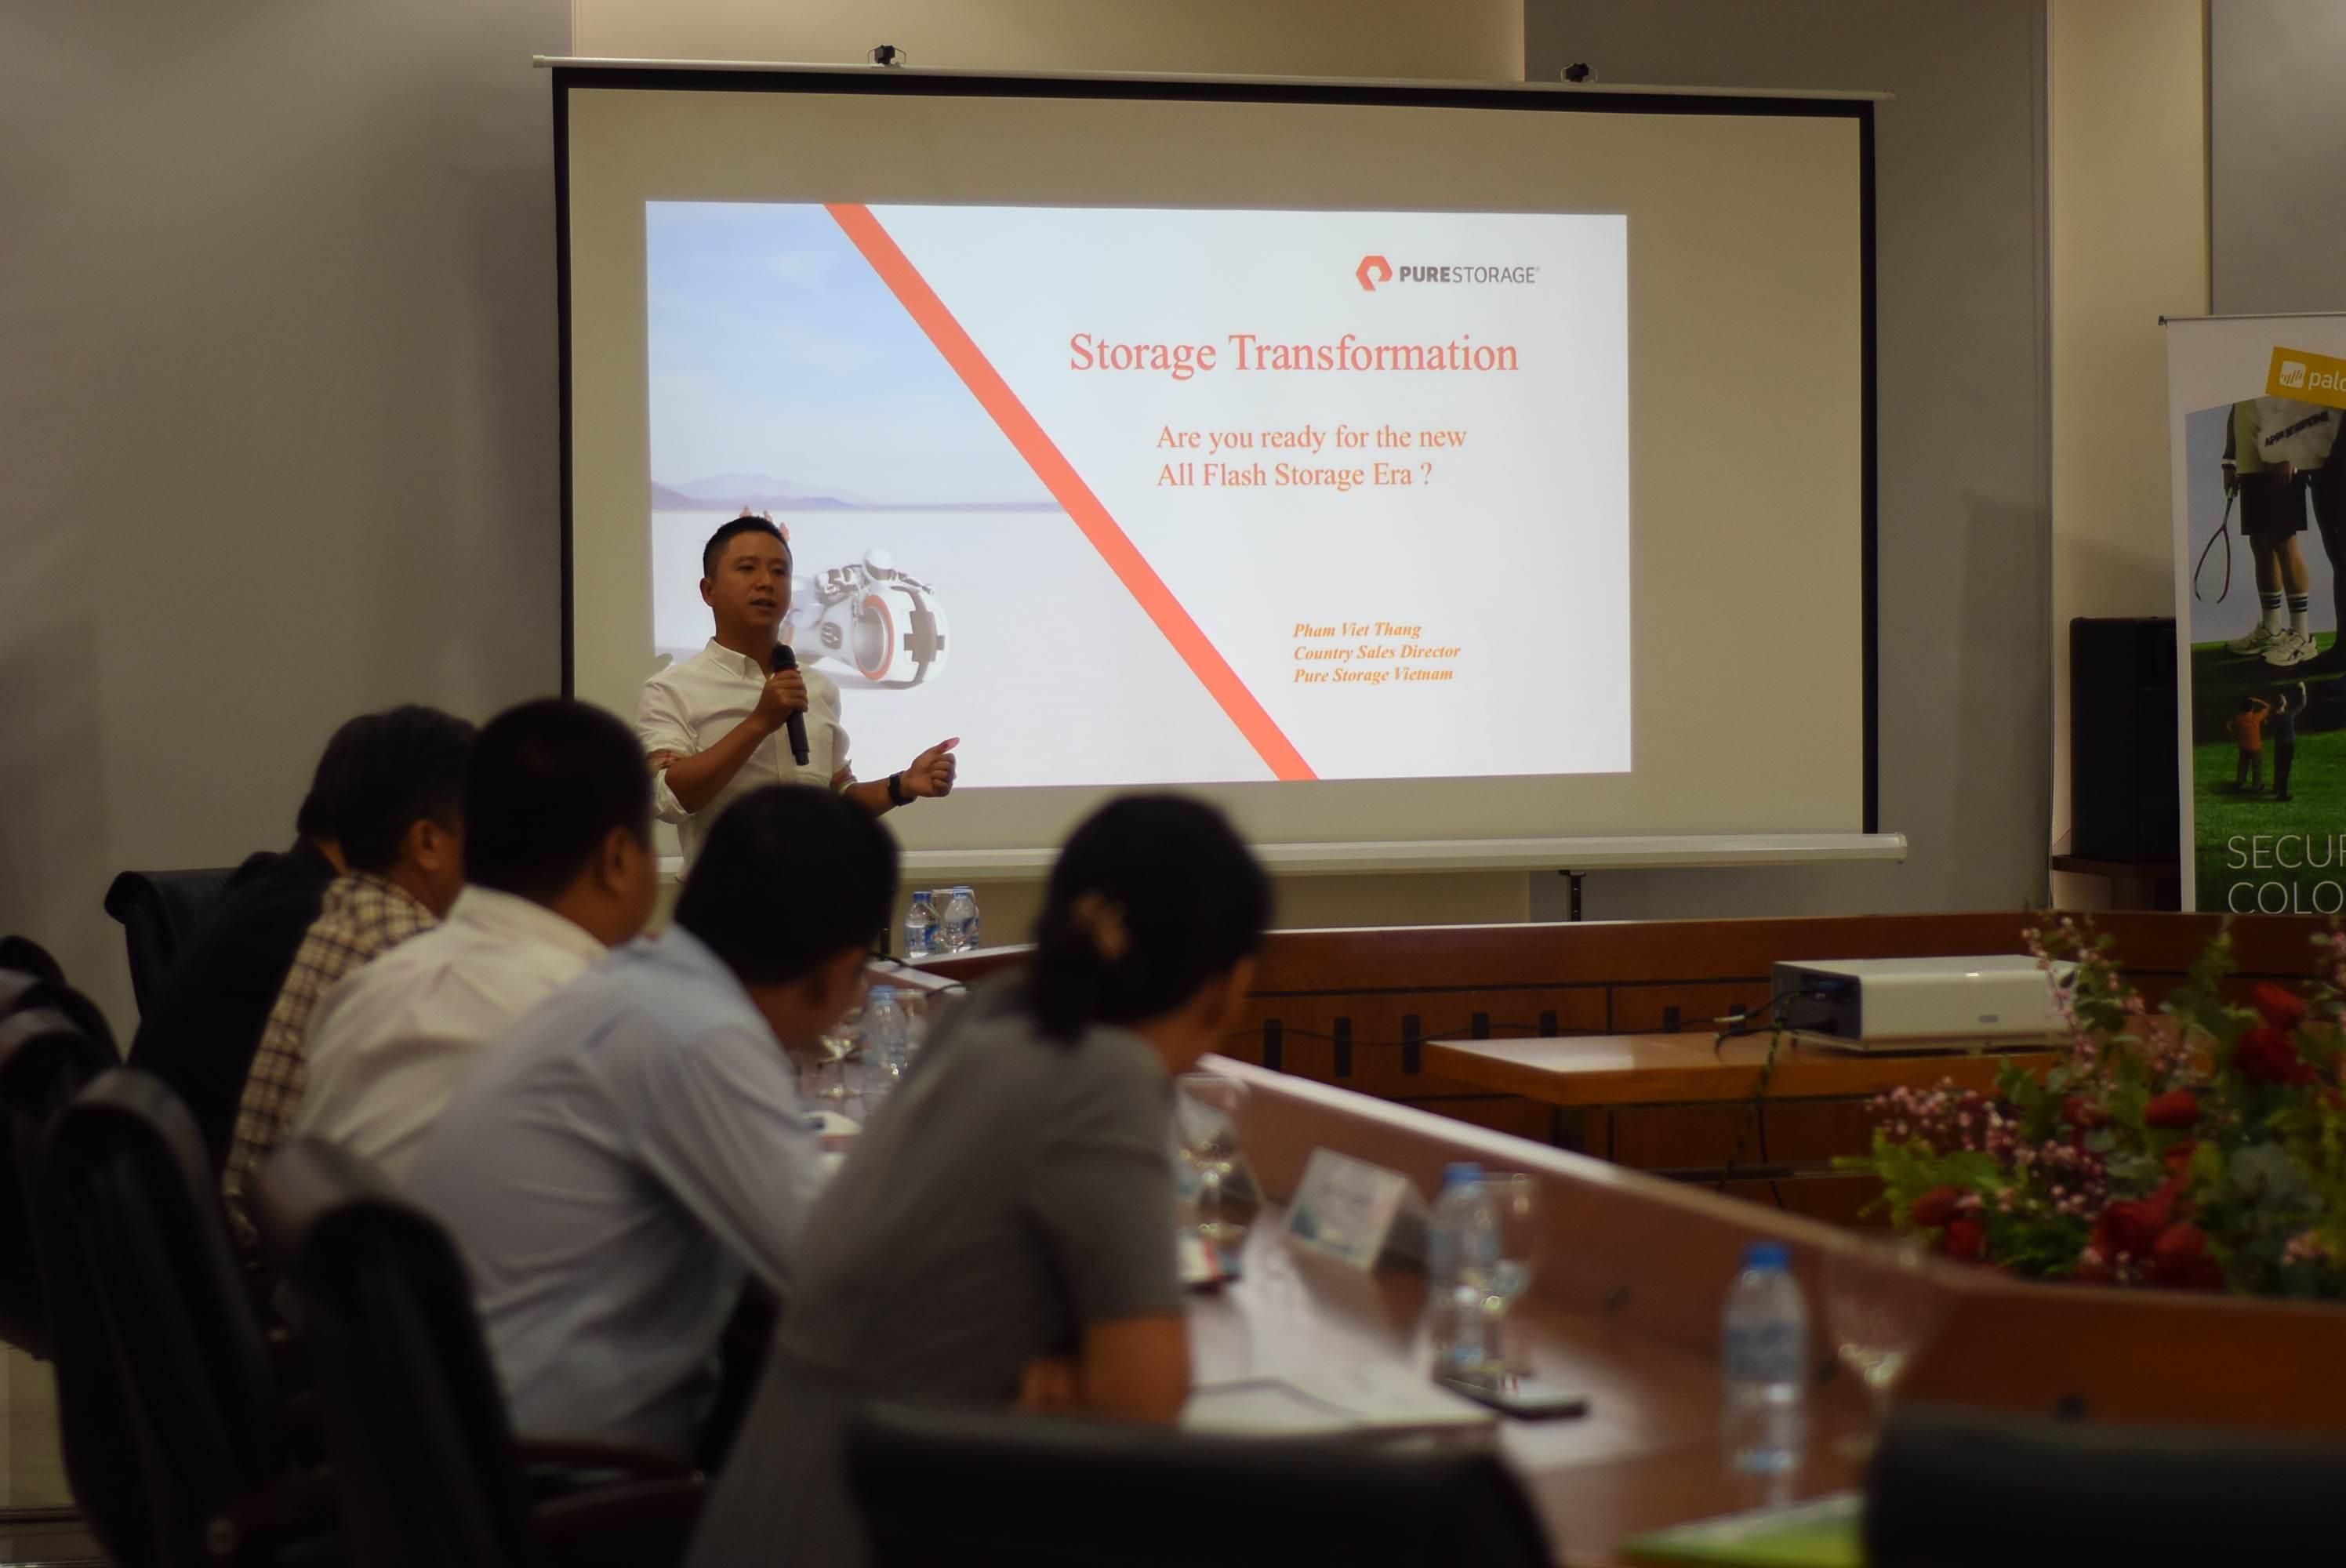 ông Phạm Việt Thắng - Giám đốc Bán hàng Pure Storage Việt Nam